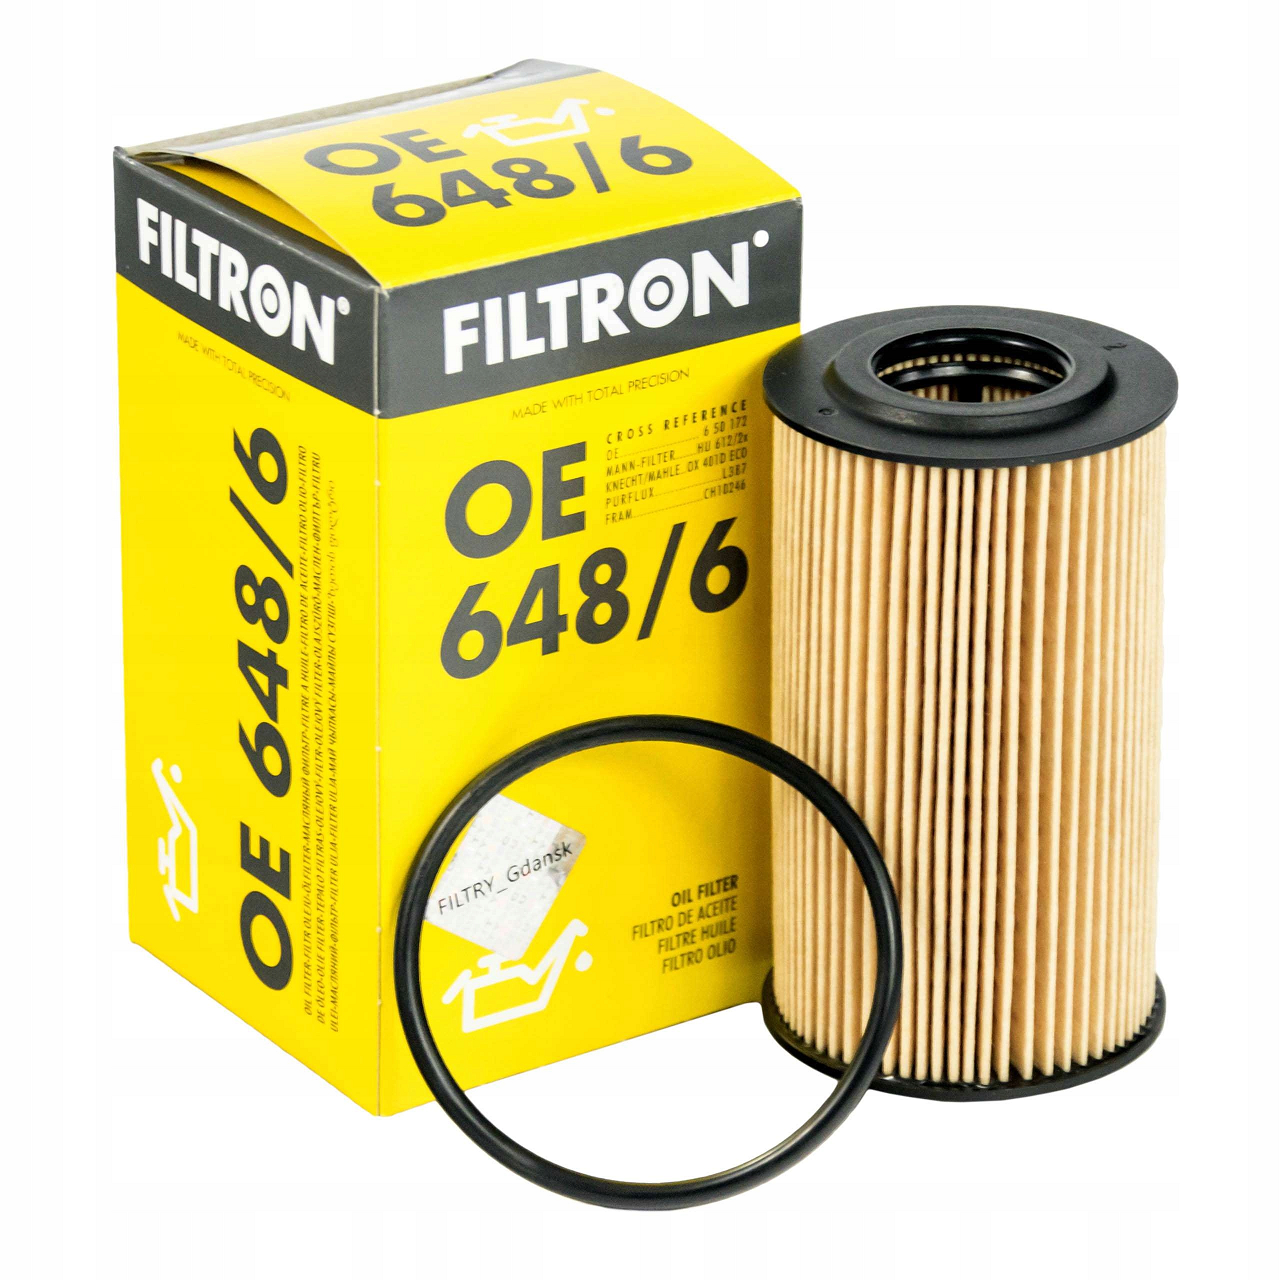 Opel Mokka 1.4 -1.6 Yağ Filtresi Filtron